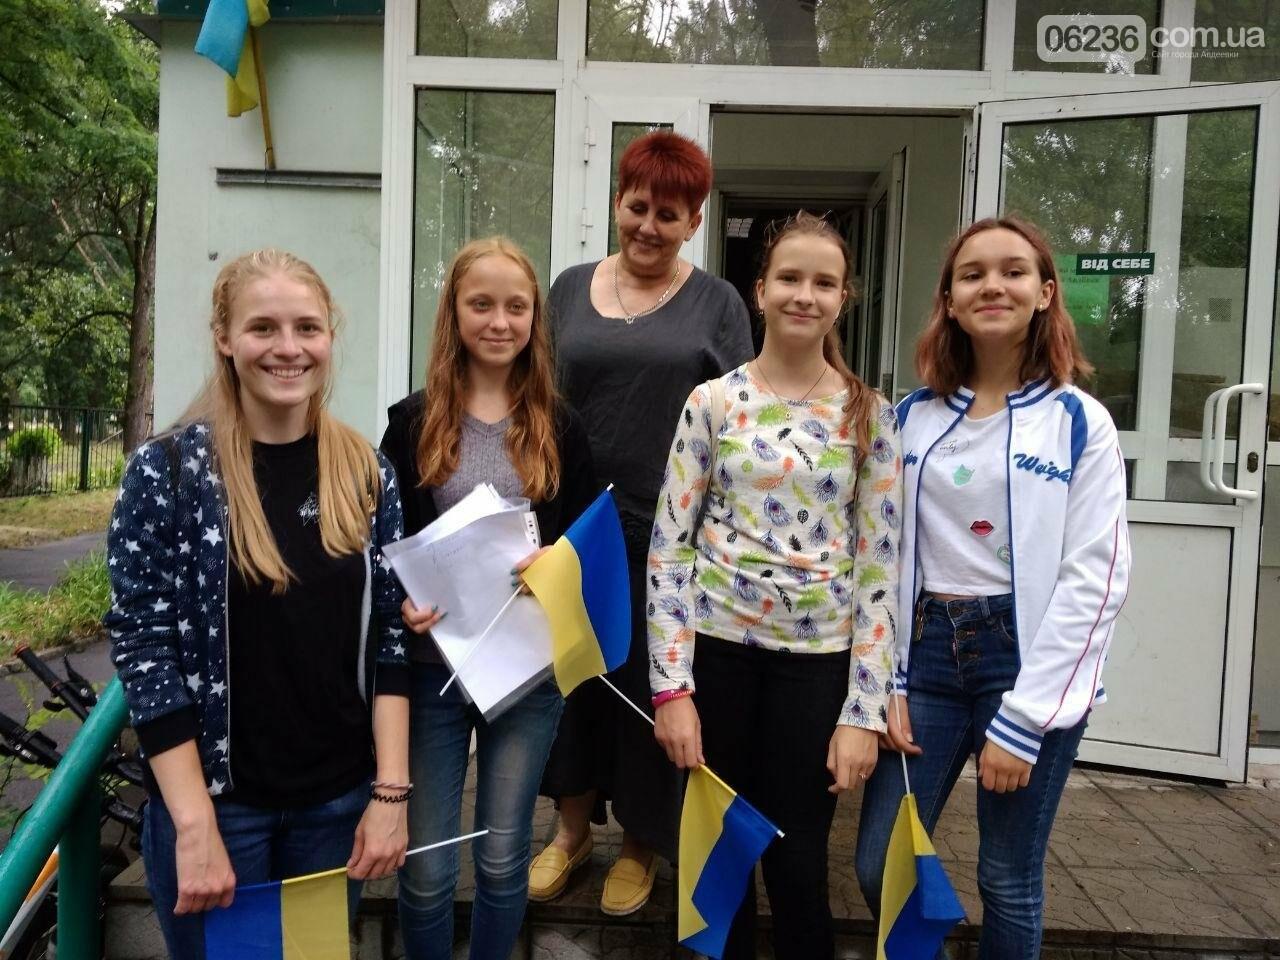 Авдеевской молодежи организовали квест ко Дню Конституции (ФОТО), фото-3